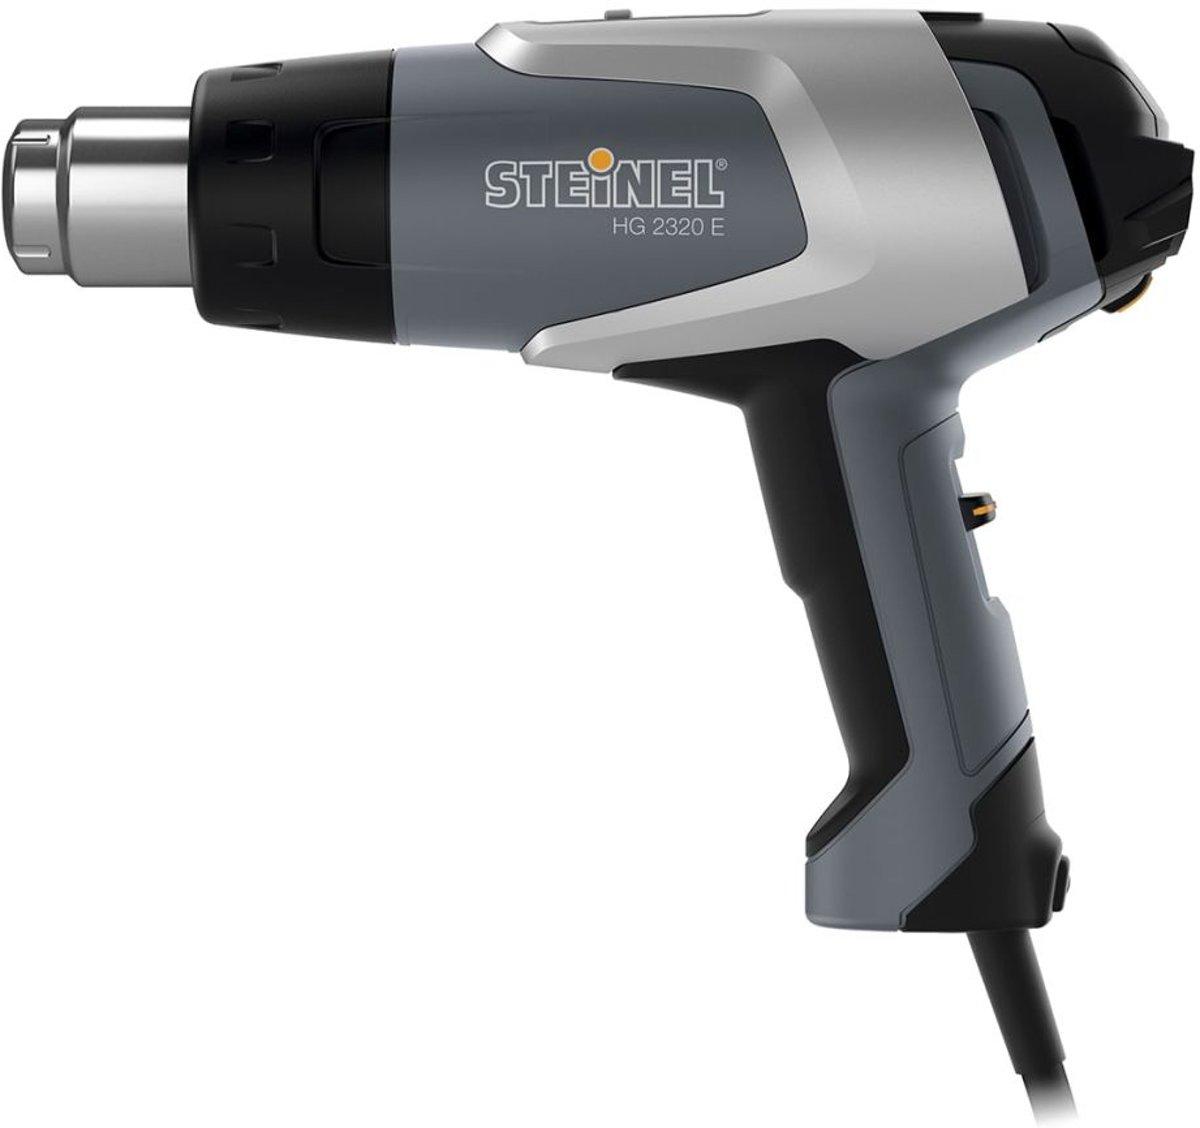 Steinel HG 2320 E 007386 heteluchtpistool elektrisch bediend kopen